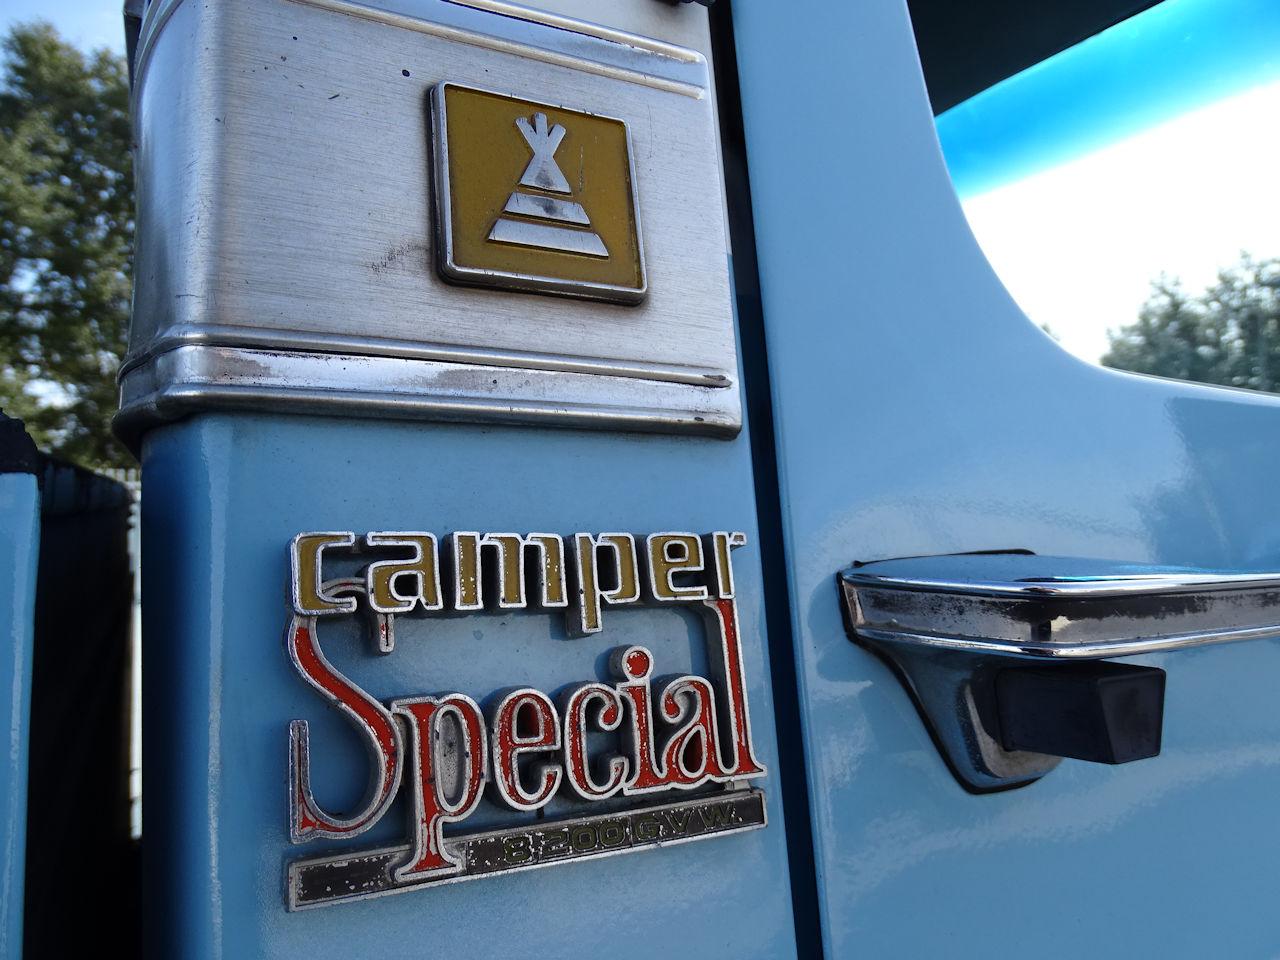 1974 Chevrolet C20 4